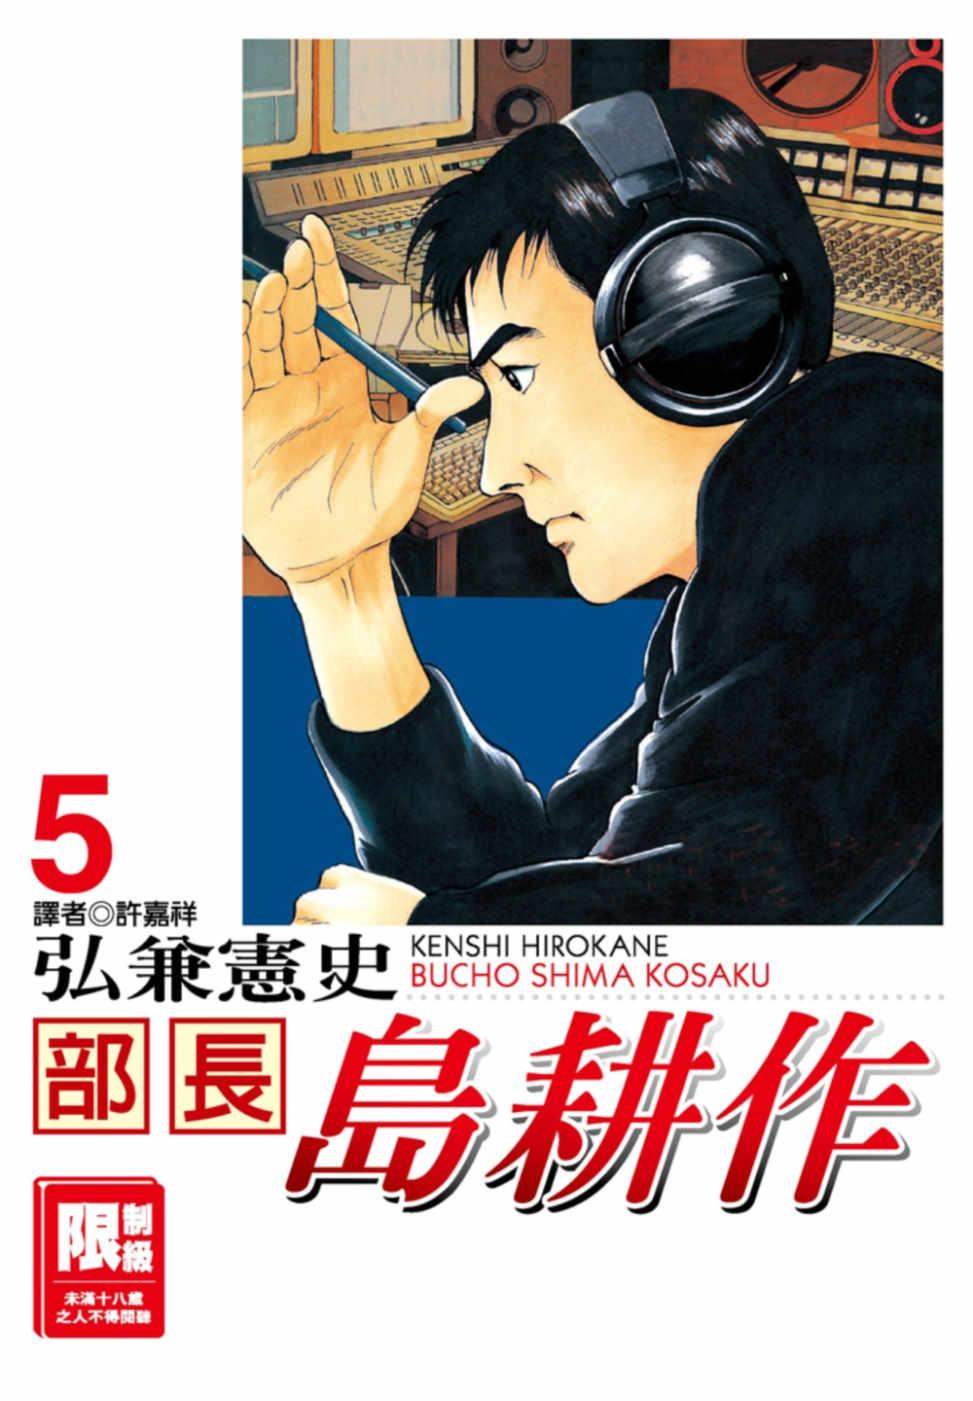 部長島耕作 5(限)(限台灣)